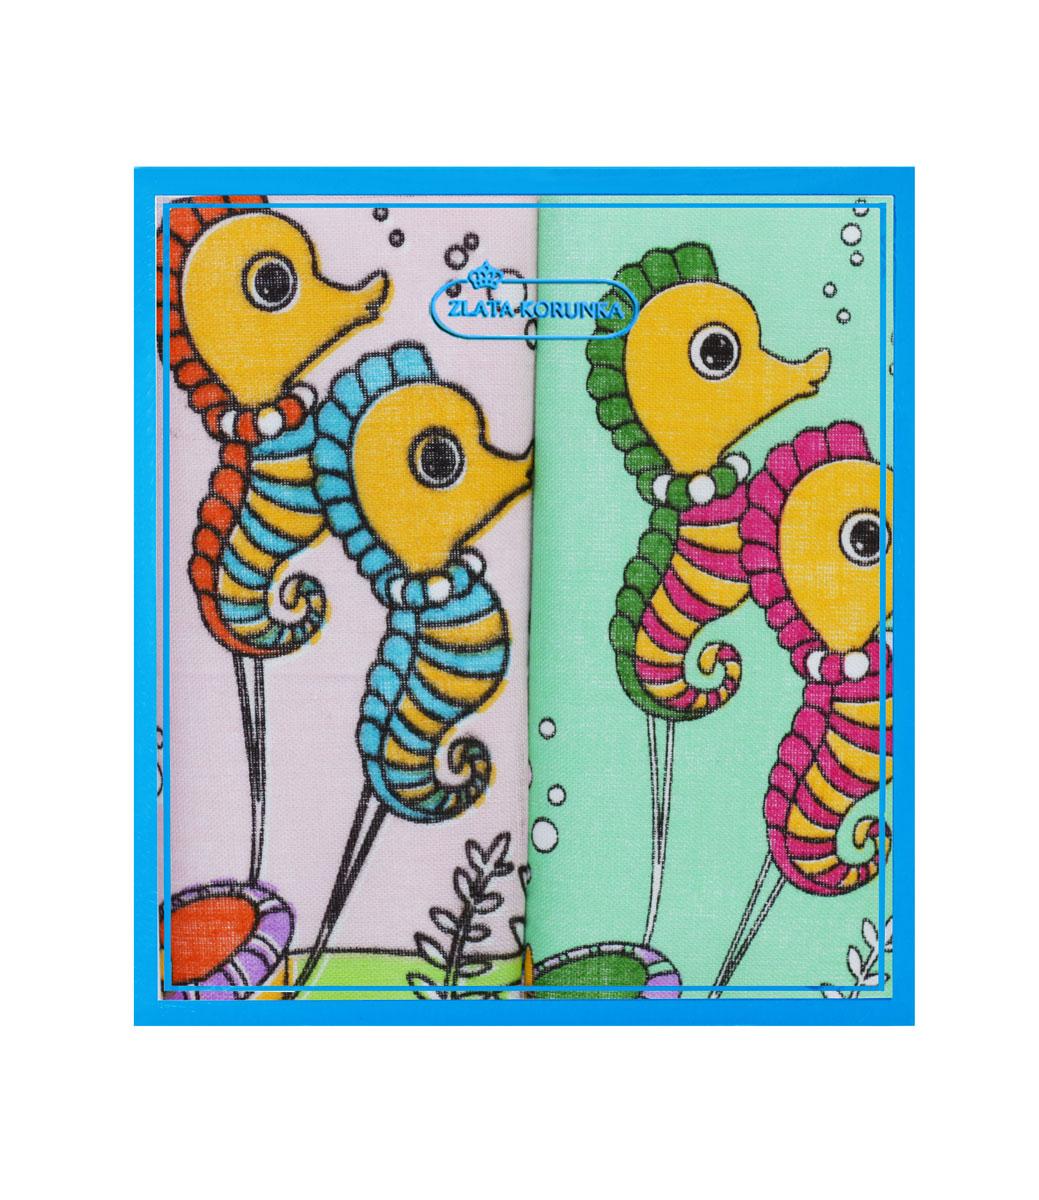 Платок носовой детский Zlata Korunka, цвет: мультиколор, 2 шт. 40230-32. Размер 21 см х 21 см40230-32Детский носовой платок Zlata Korunka изготовлен из высококачественного натурального хлопка, благодаря чему приятен в использовании, хорошо стирается, не садится и отлично впитывает влагу, а также не раздражает нежную детскую кожу. Небольшой и практичный детский платочек без труда поместится в карман или школьный рюкзак ребенка и всегда будет под рукой. В комплекте 2 платка.